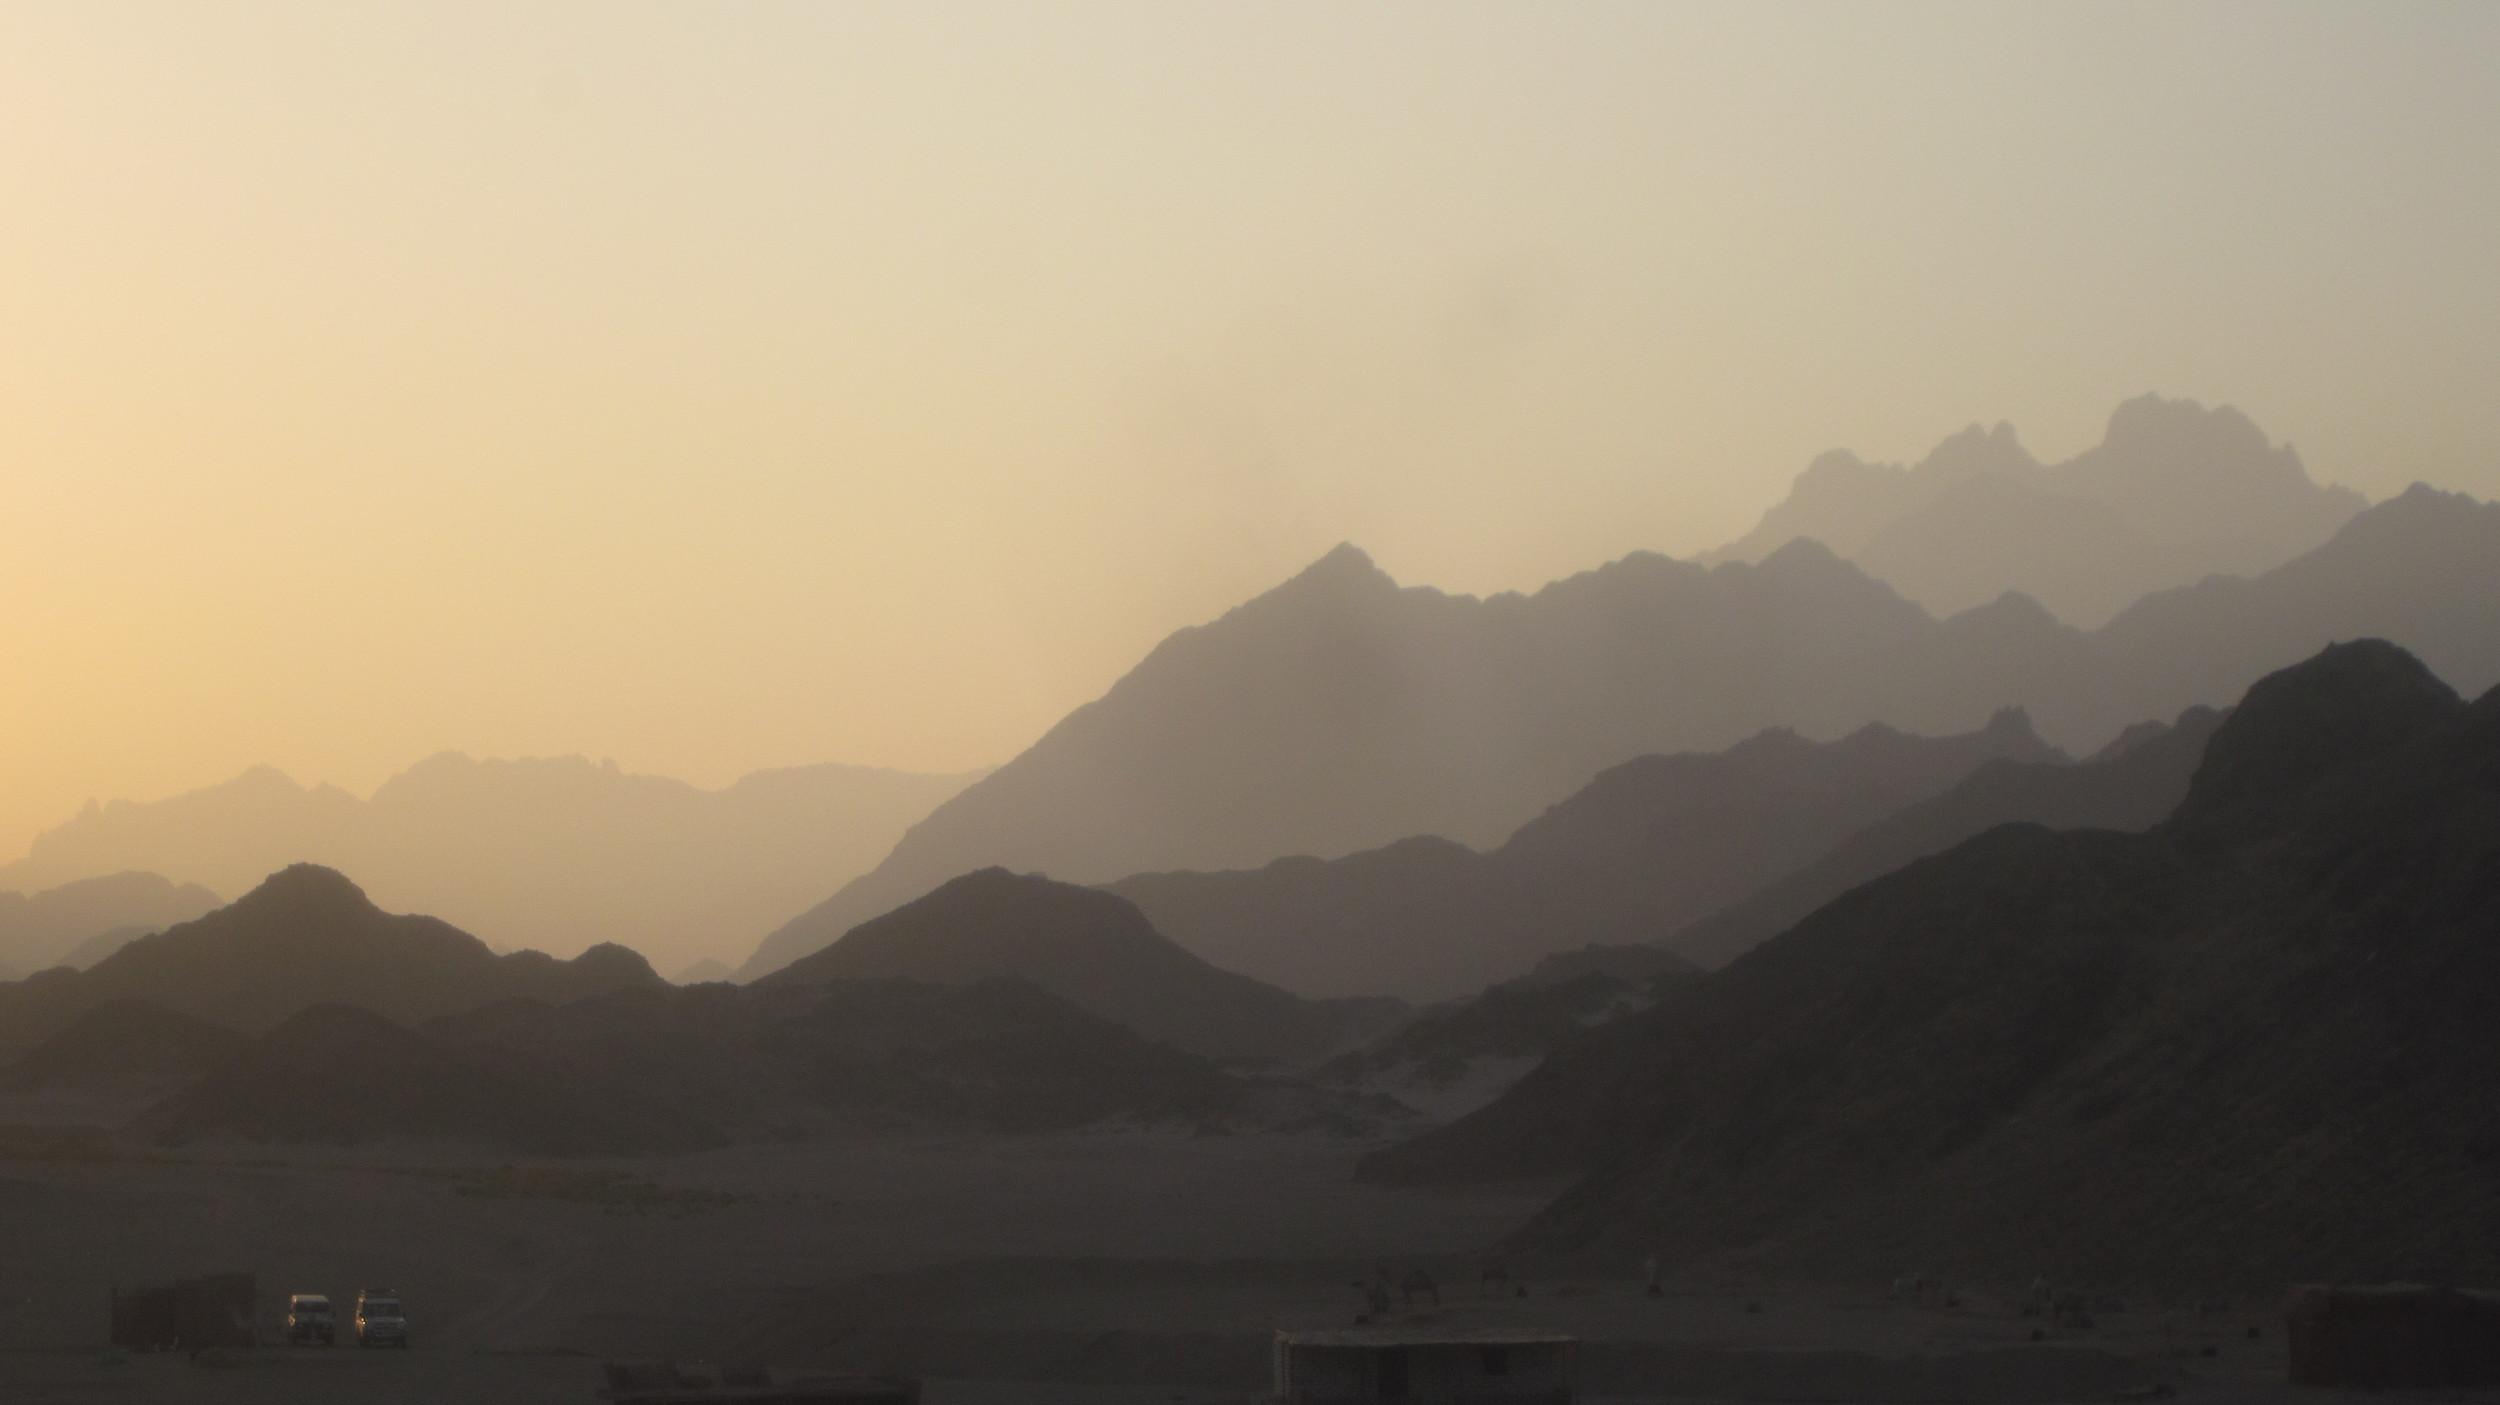 Egyptian desert at dusk - stunning!